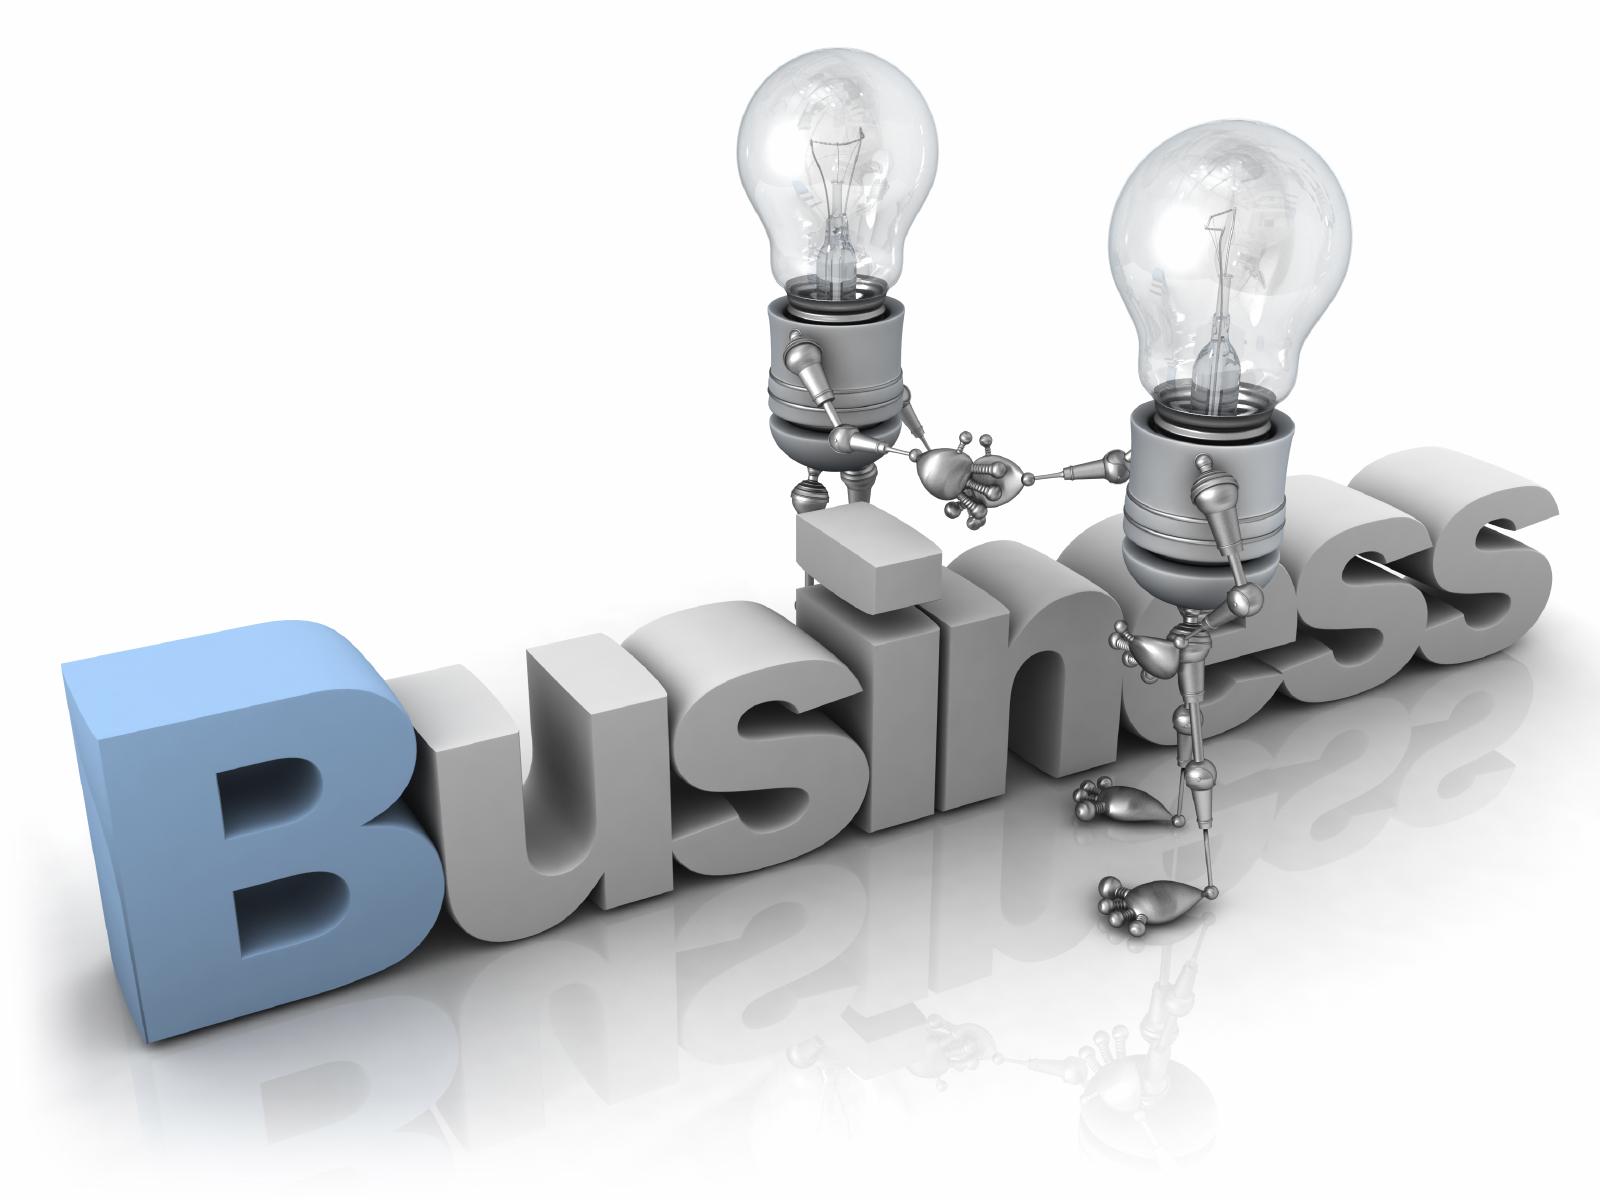 Business & Entrepreneurship Session 7 Online